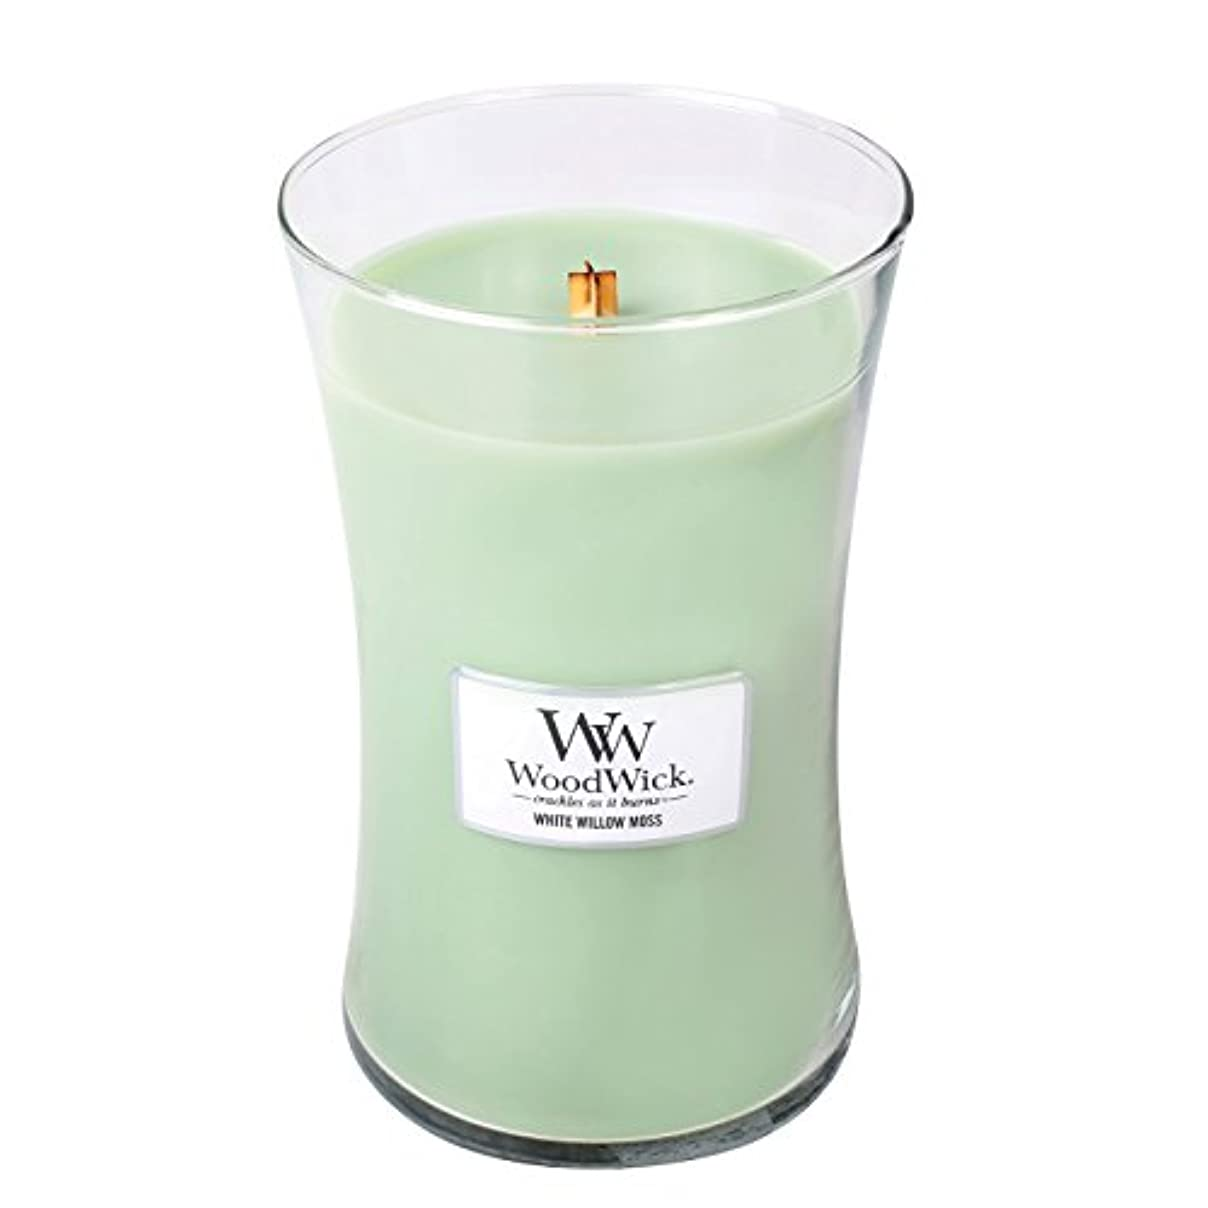 シャークまっすぐにする不承認WoodwickホワイトWillowモス、Highly Scented Candle、クラシック砂時計Jar , Large 7-inch、21.5 Oz